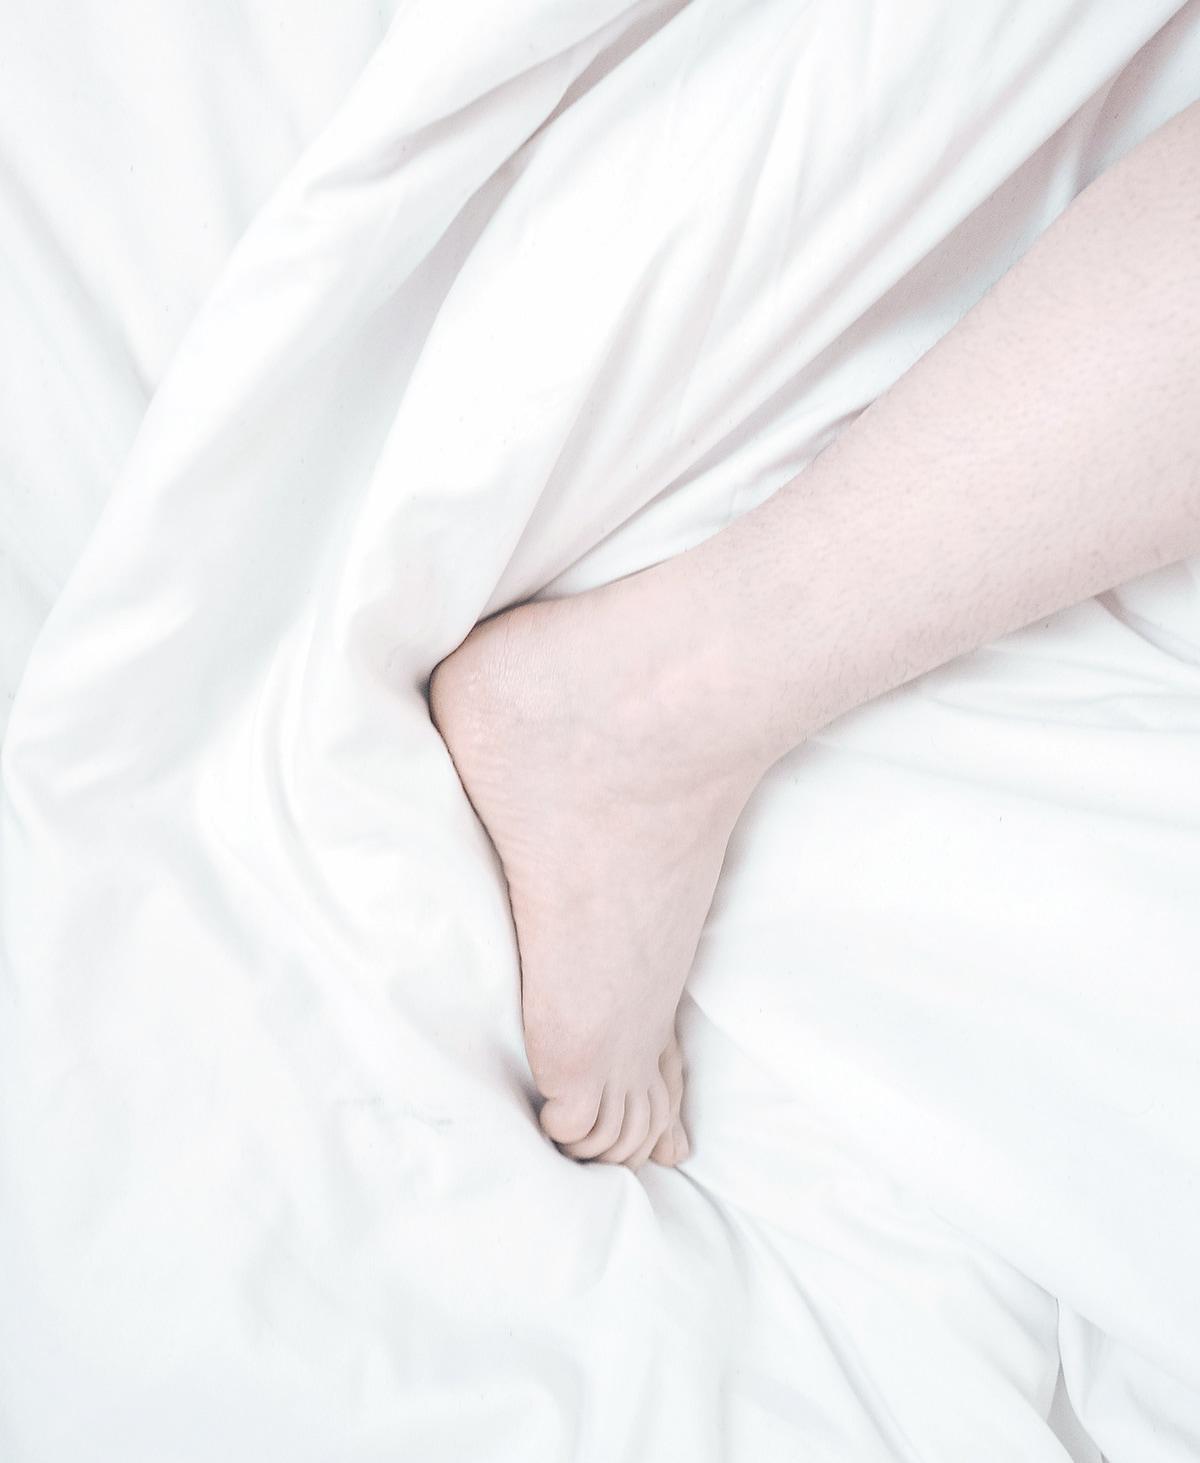 Fuß und Bein auf Daunendecke mit weißer Bettwäsche